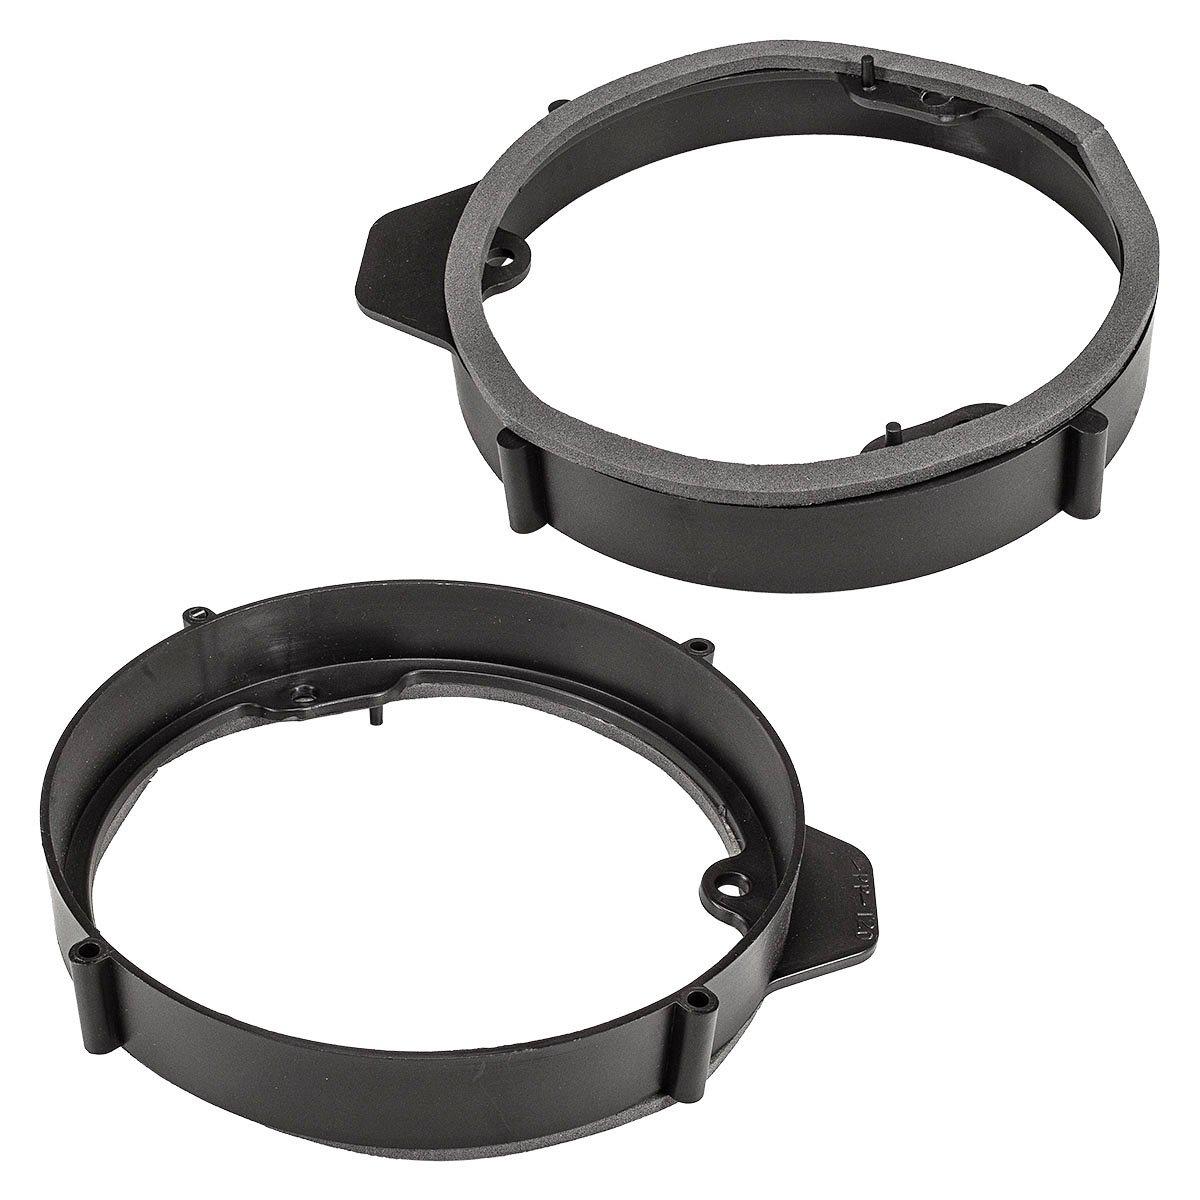 Adattatore altoparlante / - anelli MERCEDES A W176, 165 mm altoparlanti front porta tomzz Audio ® 2834-024